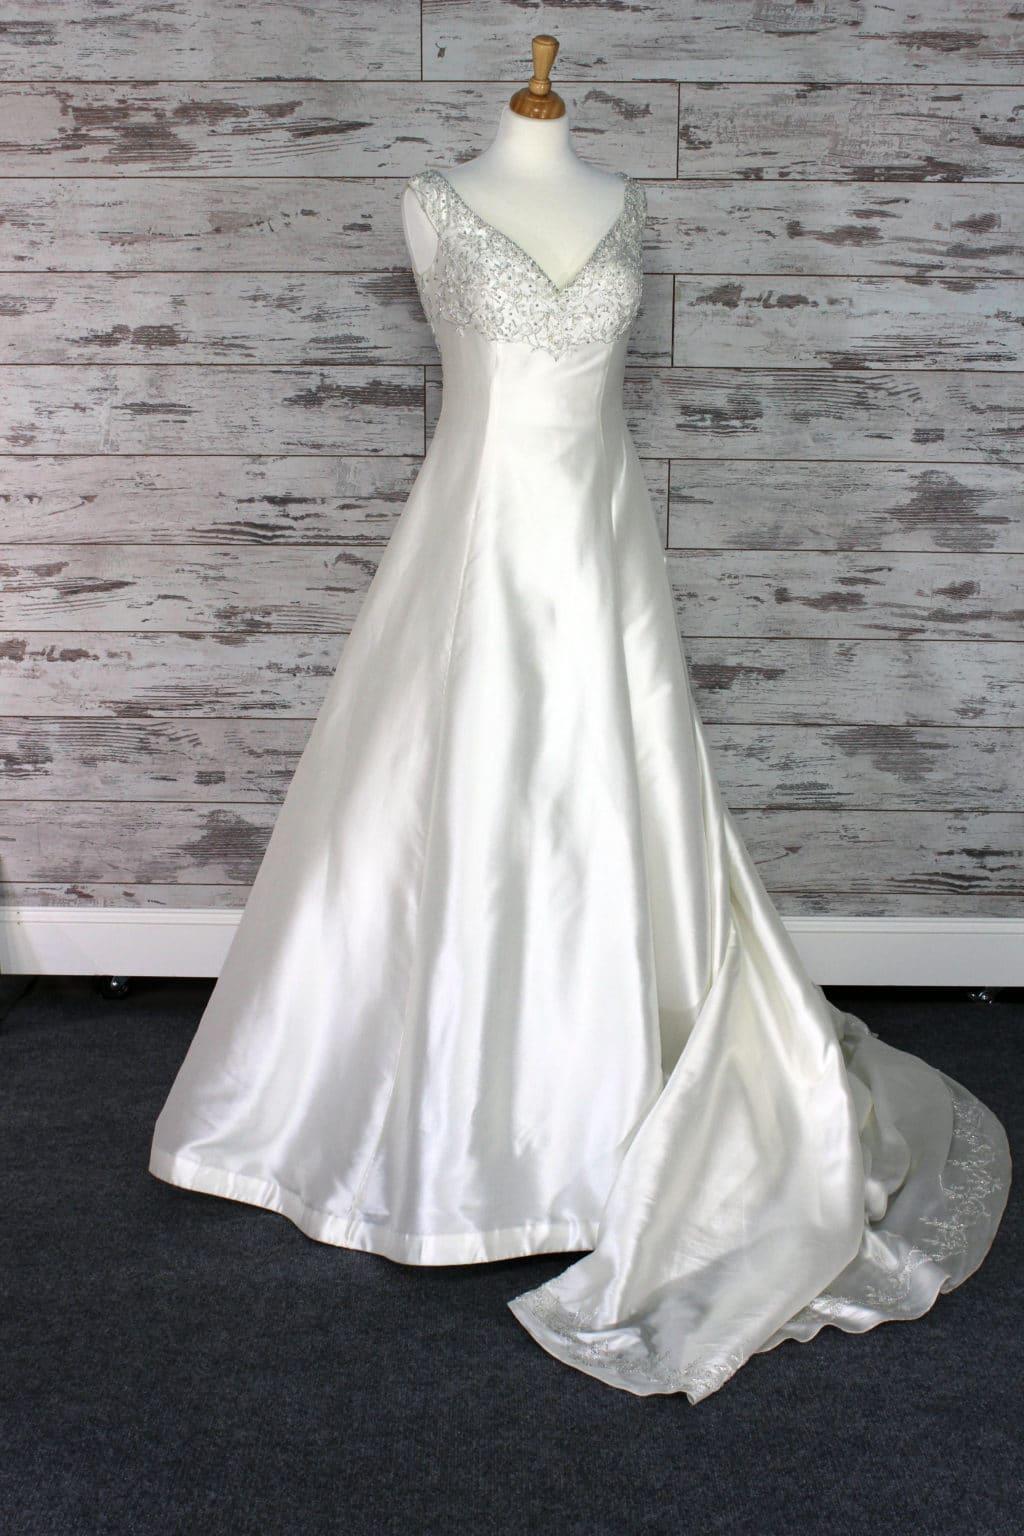 f0f41e5ce4236 Allure Bridals Queen Ann Wedding Dress Size 10